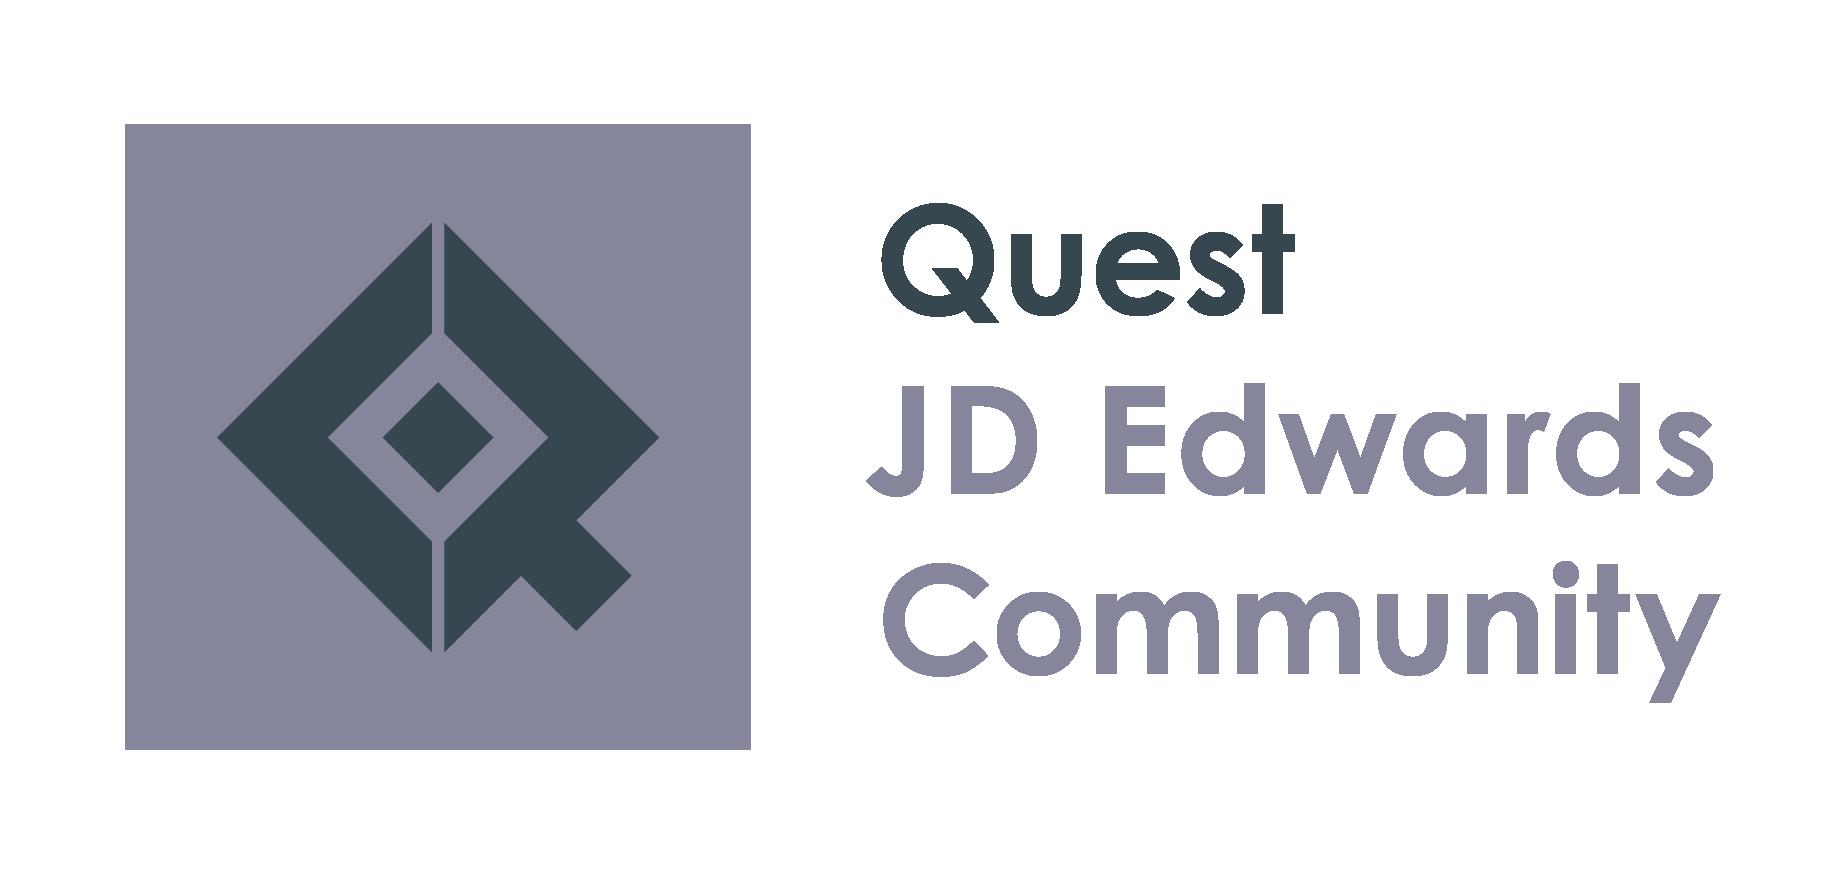 Quest JD Edwards Community